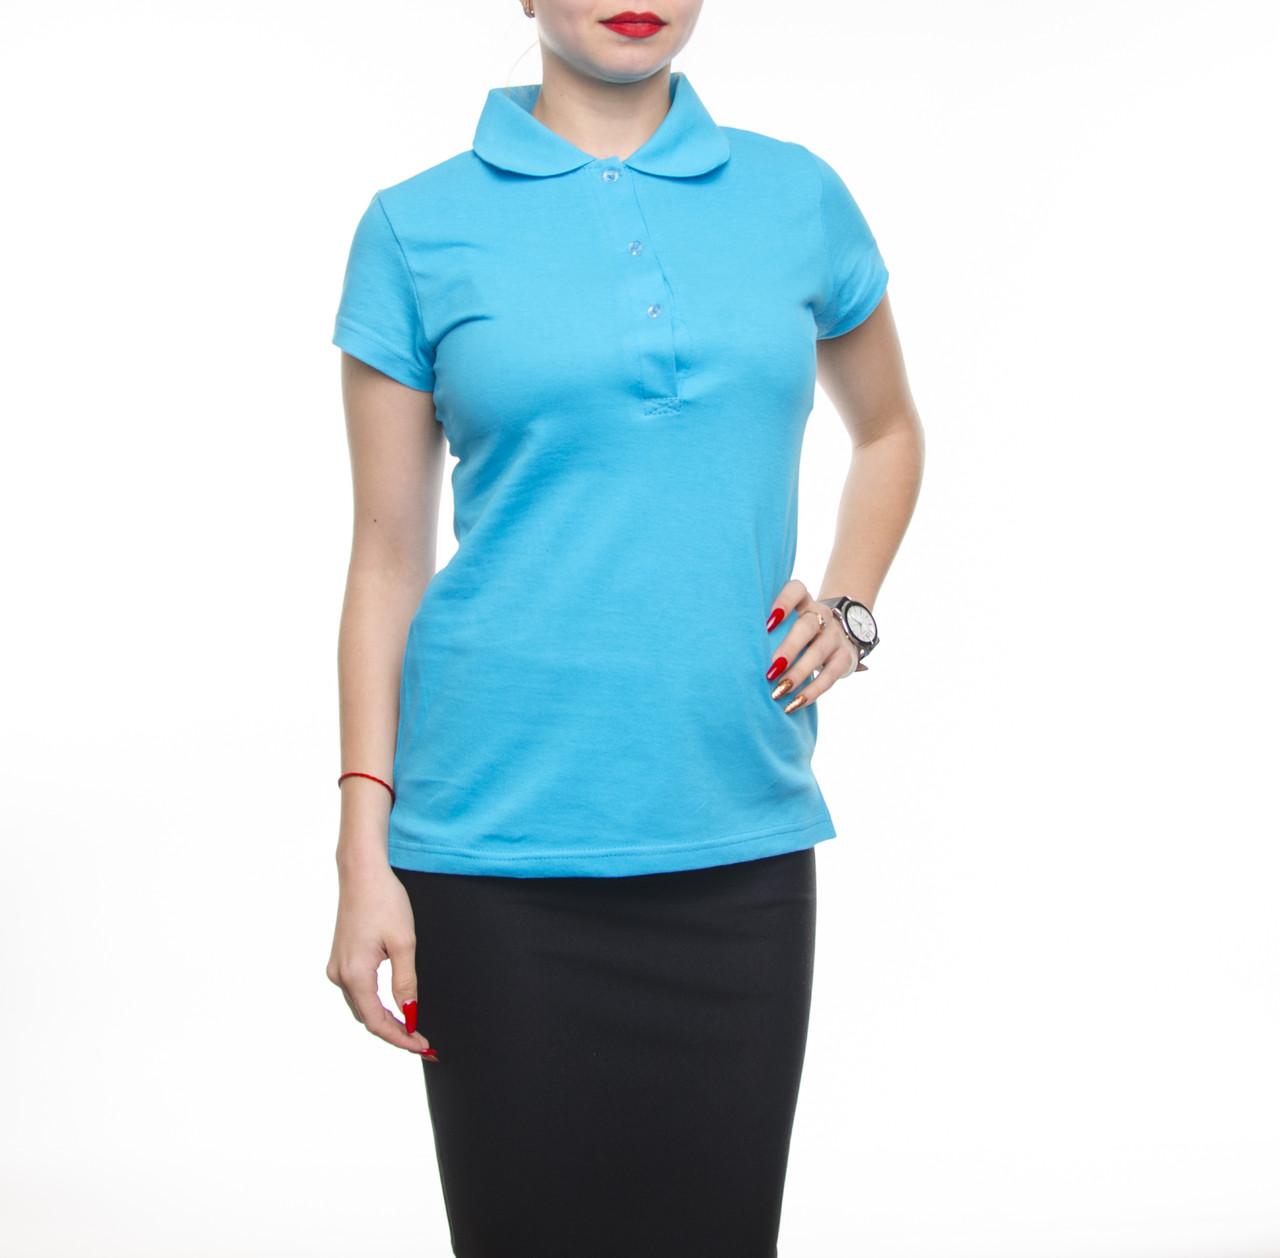 Bono Женская футболка Поло голубая 400153